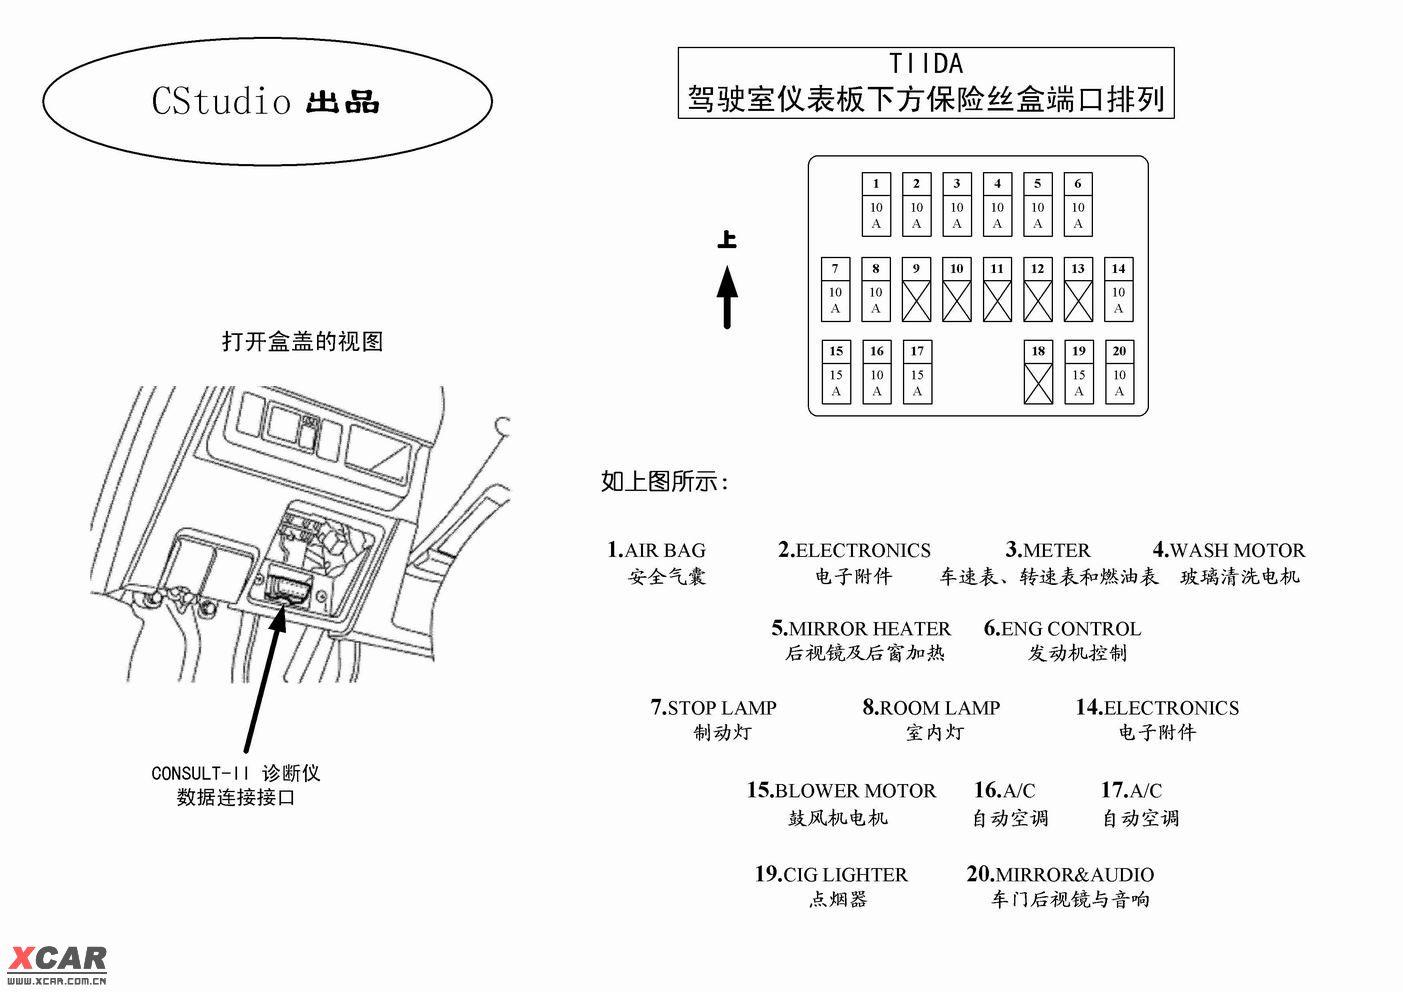 (转)驾驶舱内保险丝所对应的设备_骐达论坛_爱卡汽车